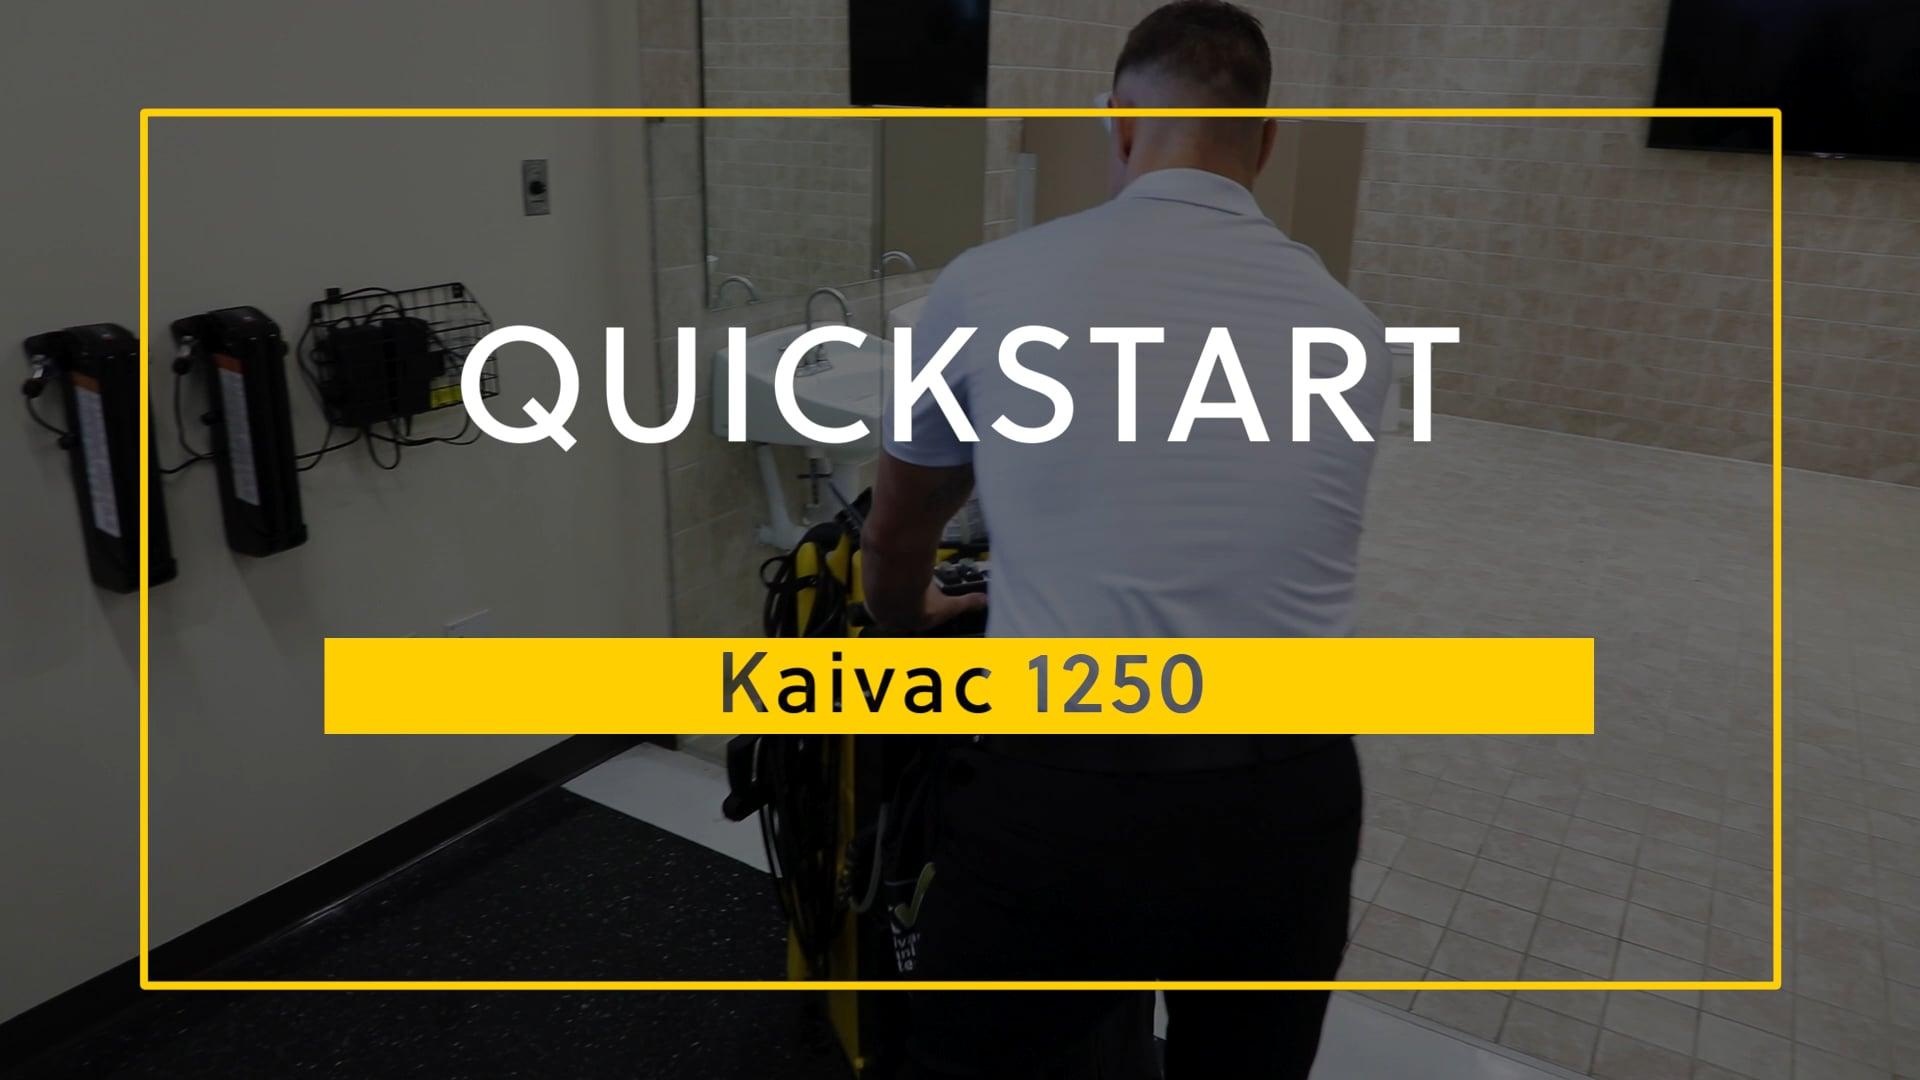 Kaivac 1250 QuickStart